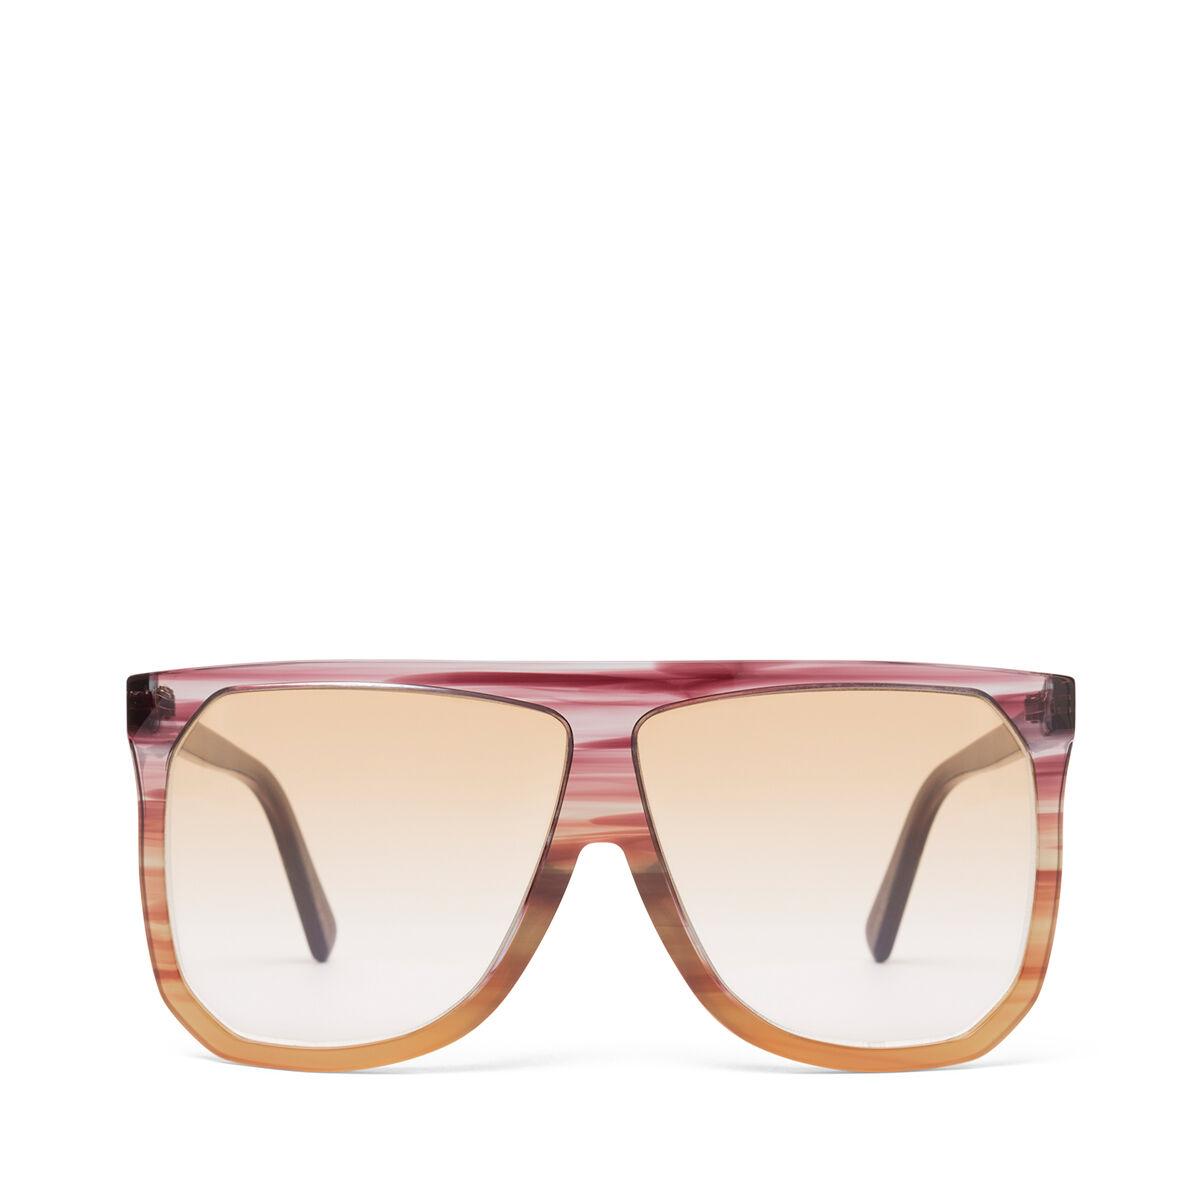 LOEWE Filipa Sunglasses Plum/Orange/Gradient Yelow front